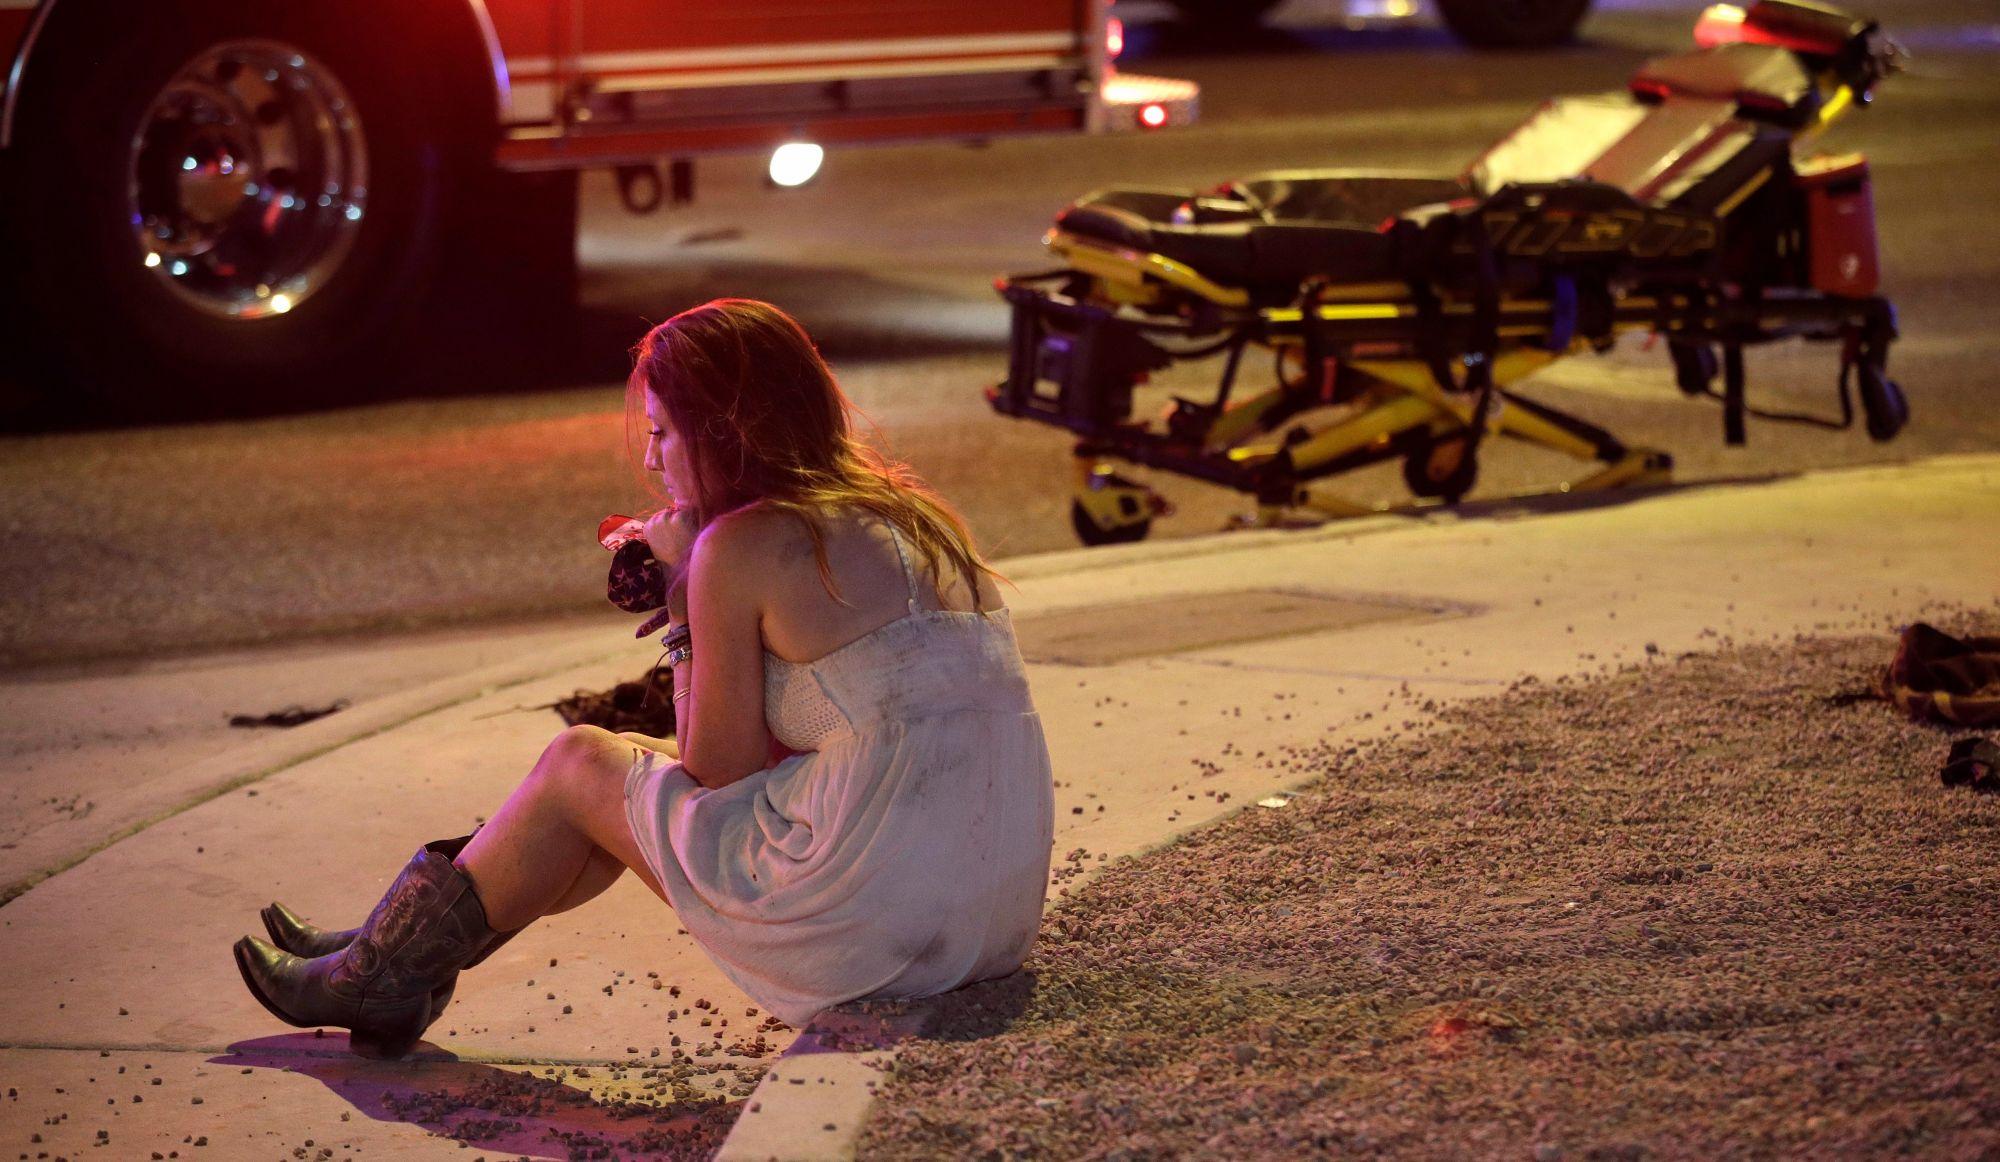 La compagne du tueur de Las Vegas ignorait son projet de fusillade